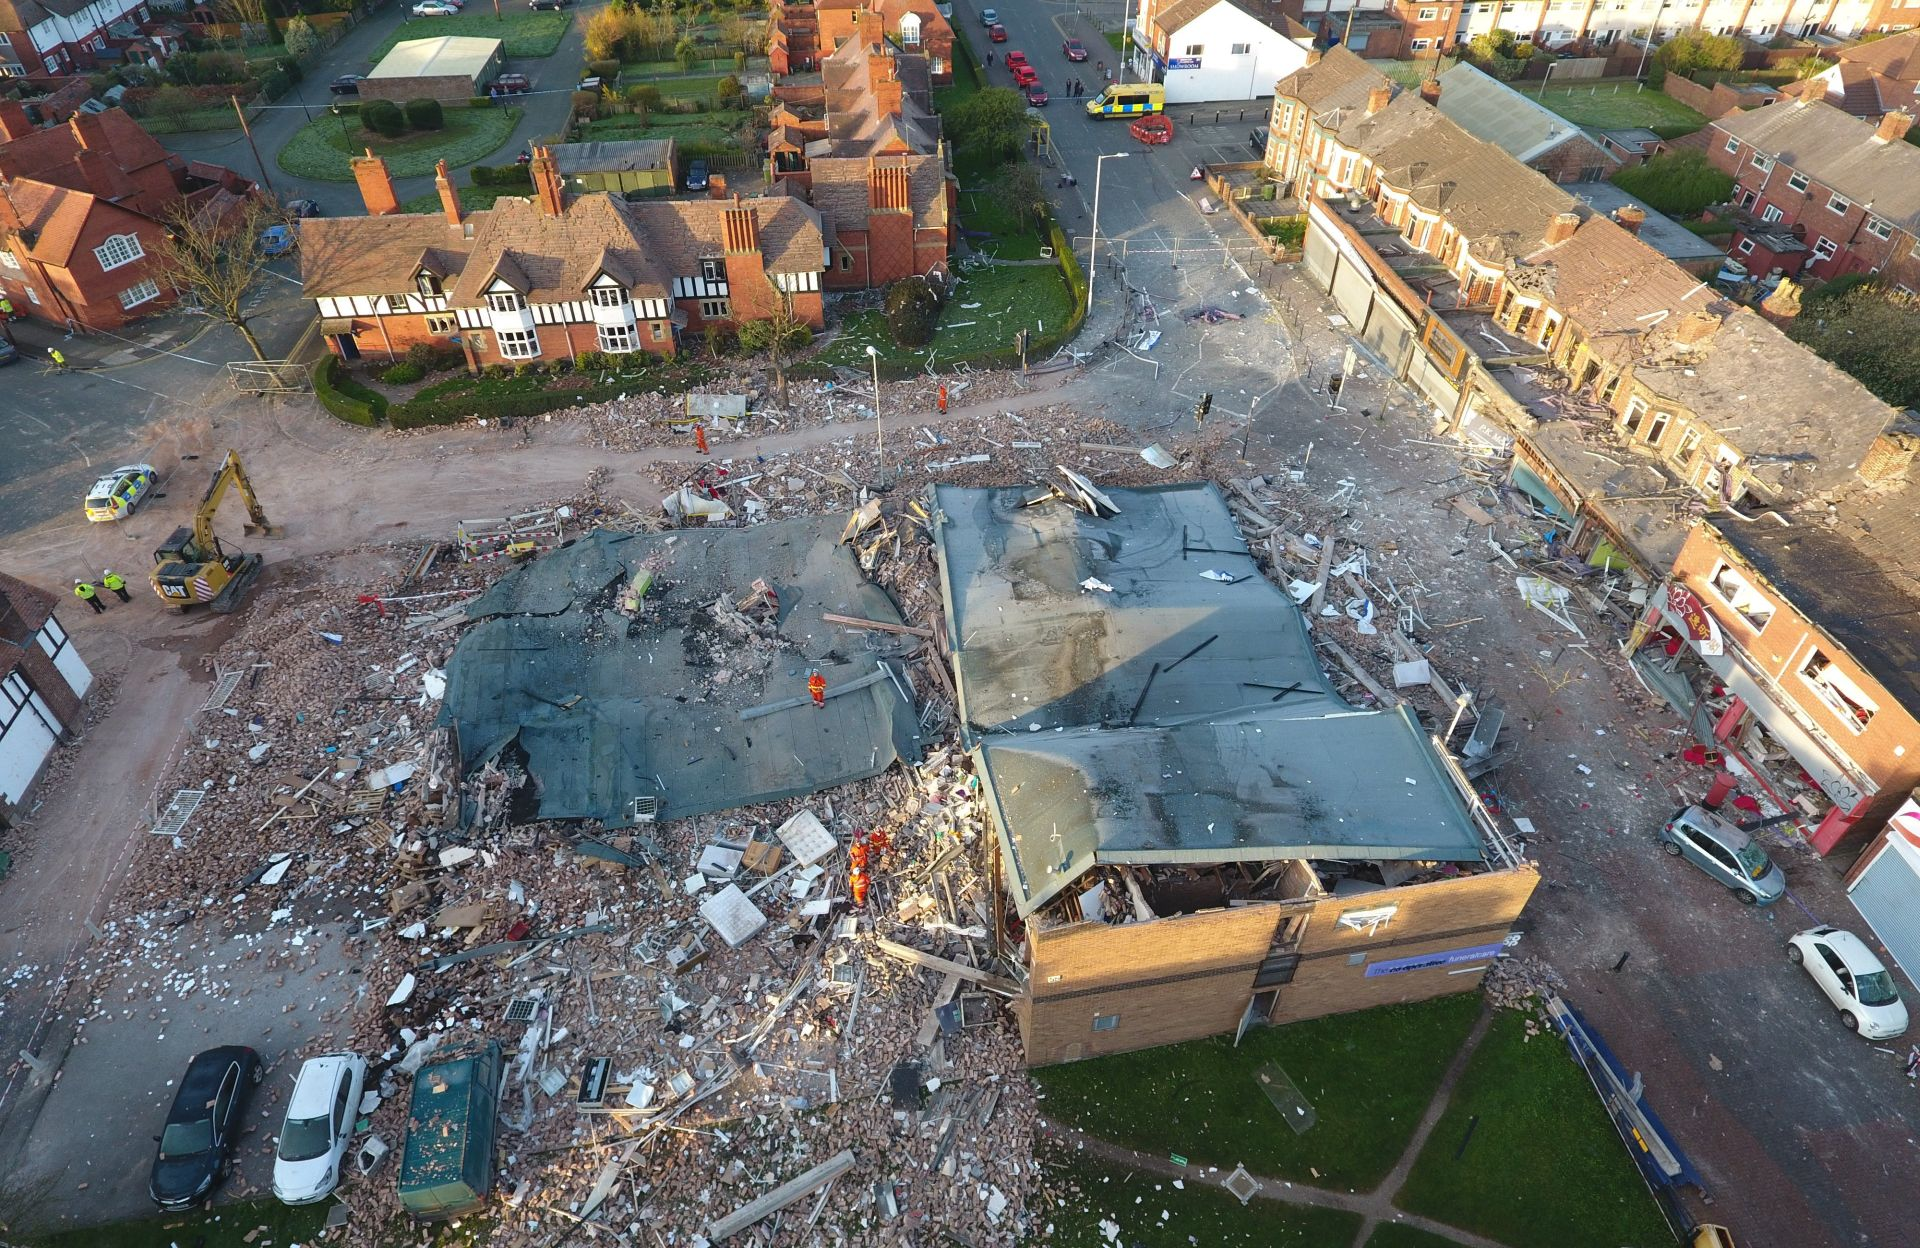 Nekoliko desetaka ozlijeđenih u eksploziji pored Liverpoola